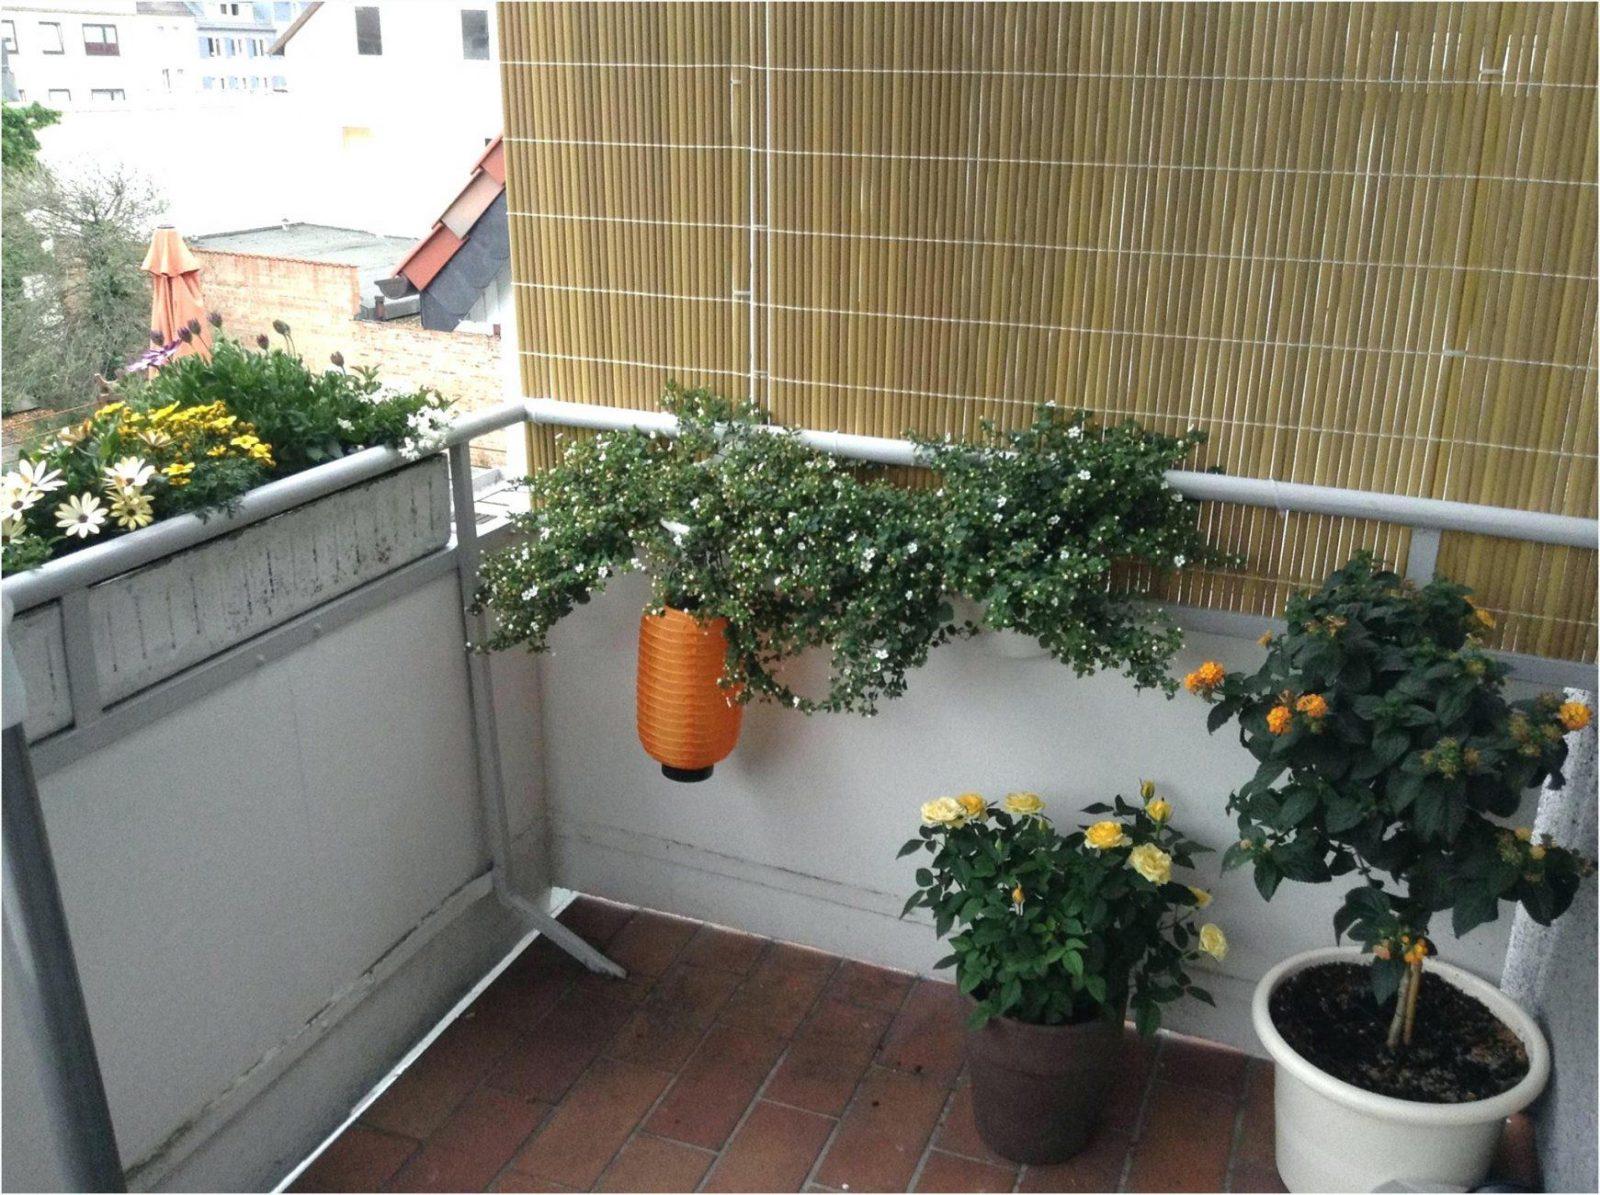 Sichtschutz Selber Machen Luxus Balkon Cool Full Size Weidengeflecht von Sichtschutz Balkon Selber Machen Bild